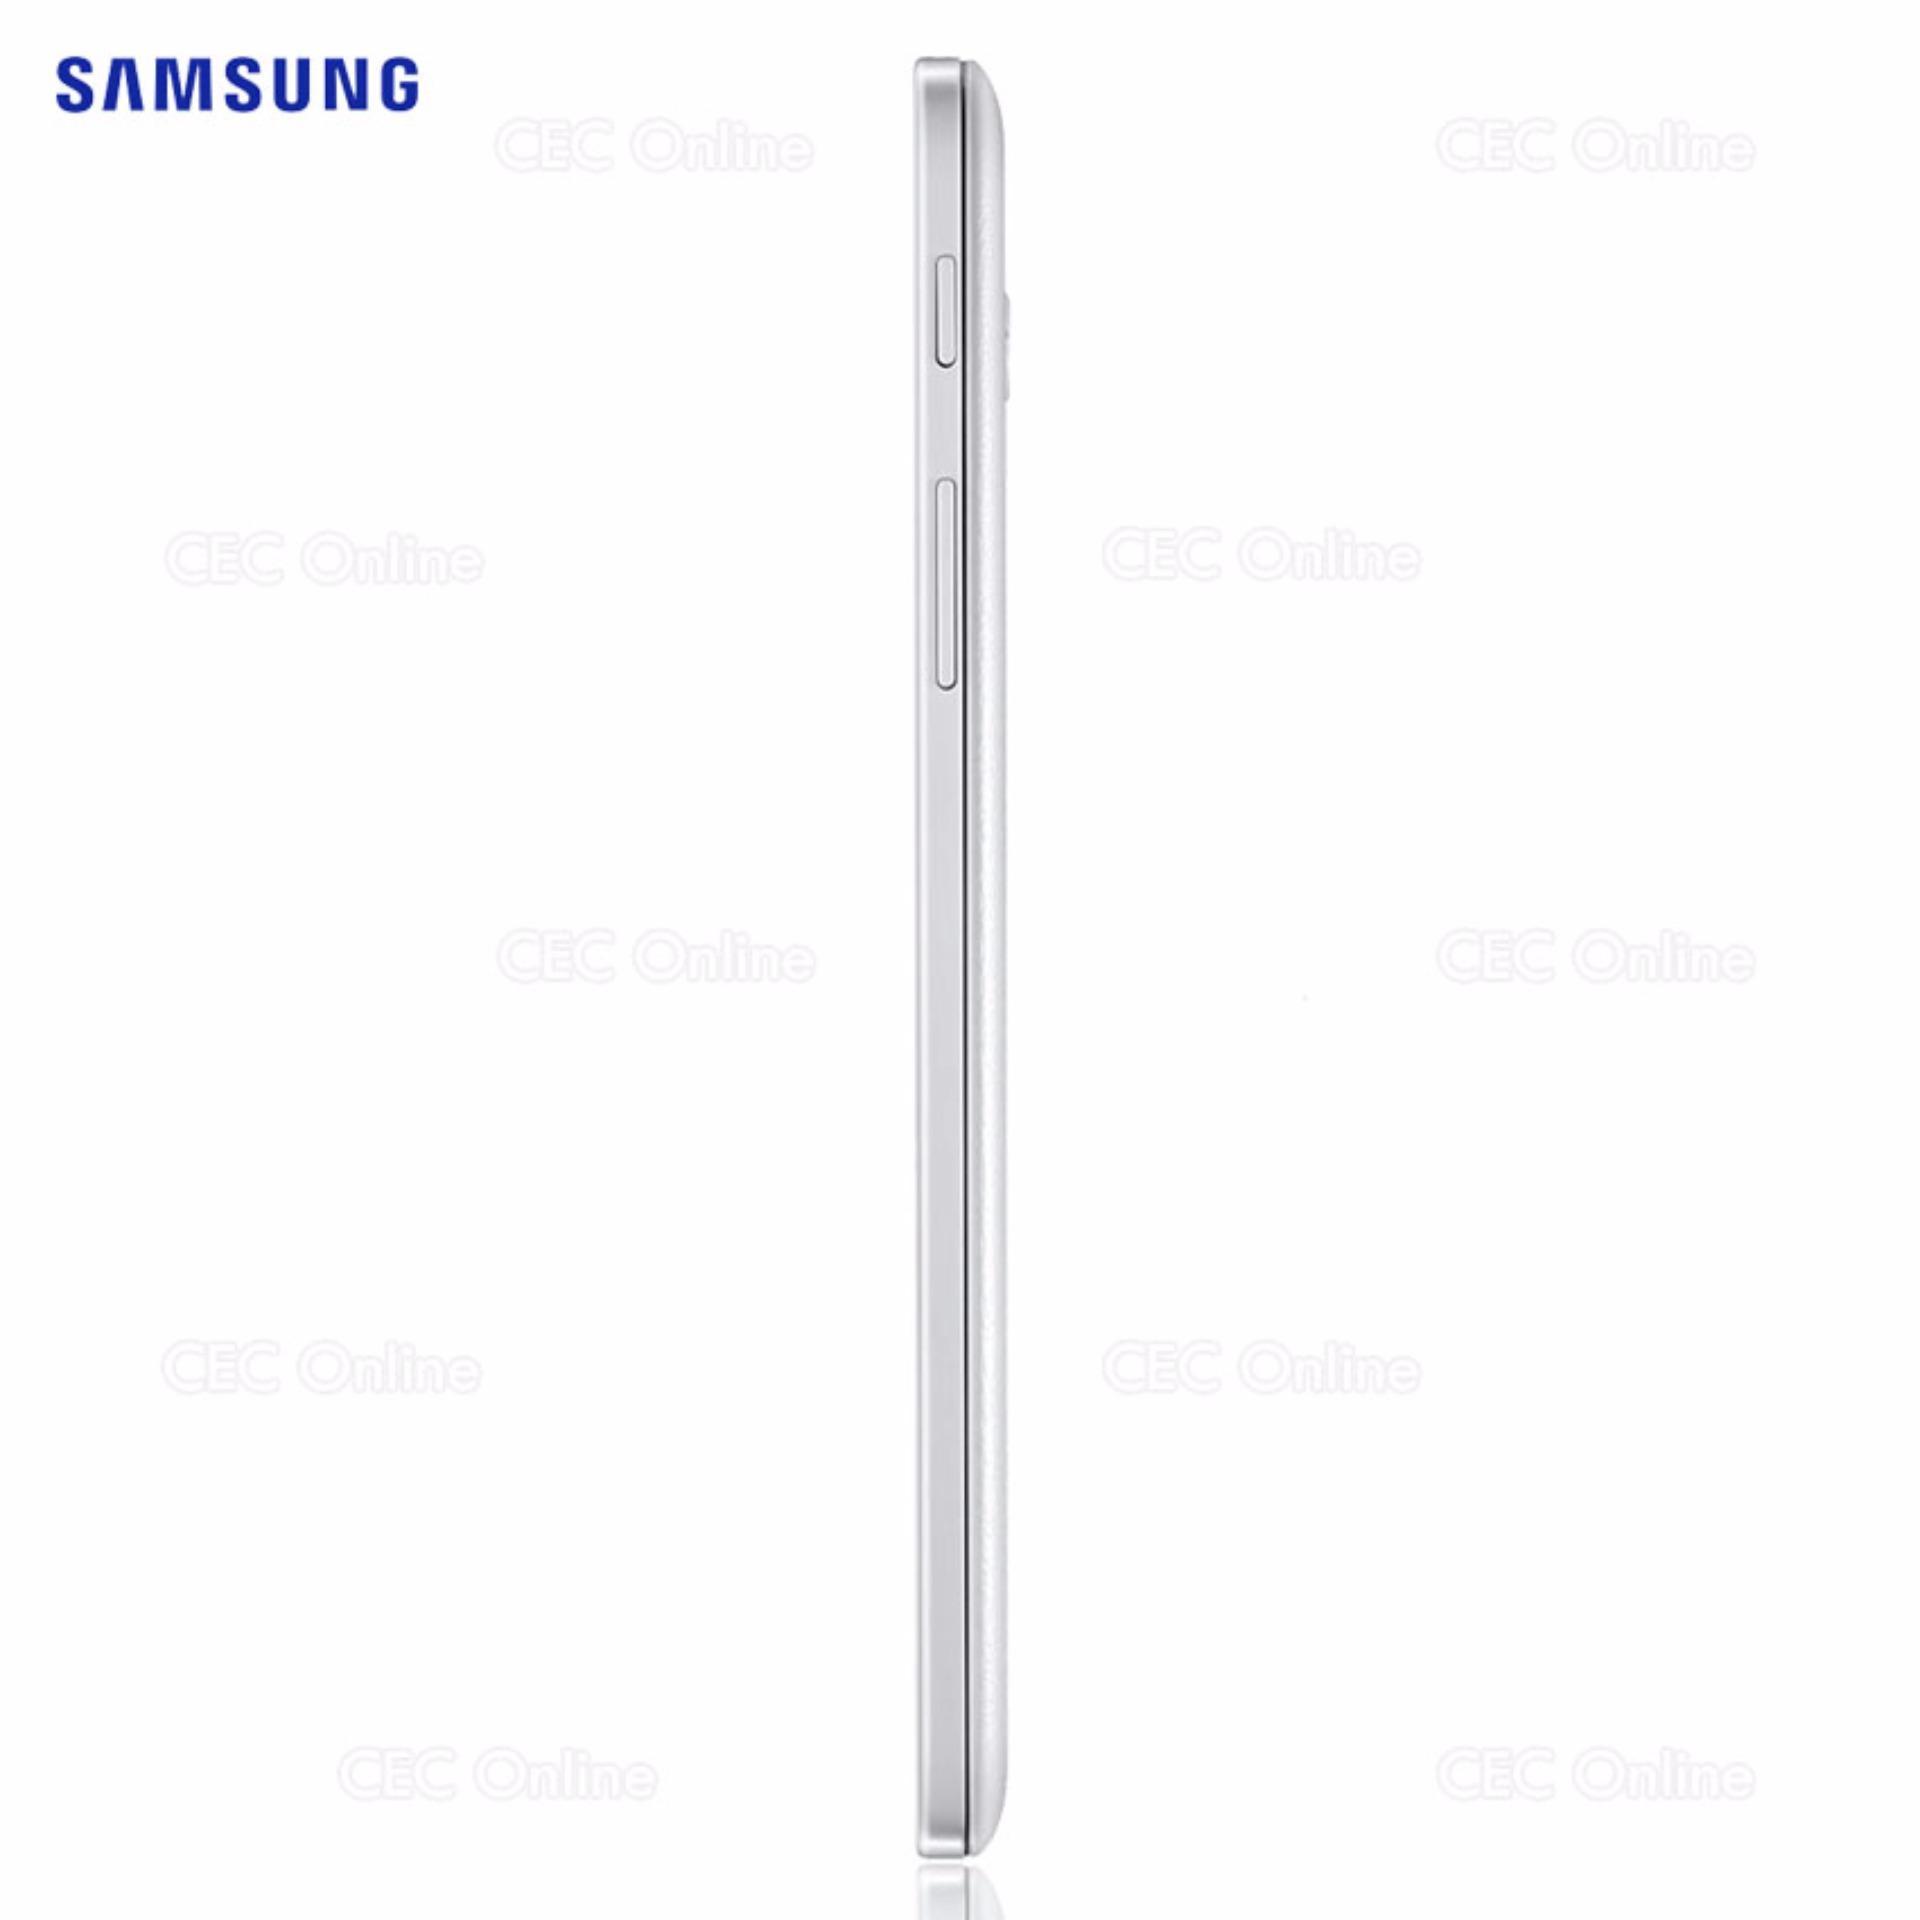 Philippines Samsung Galaxy Tab 3v 8gb 3g Sim Slot Sm T116nu Cream 3 V White